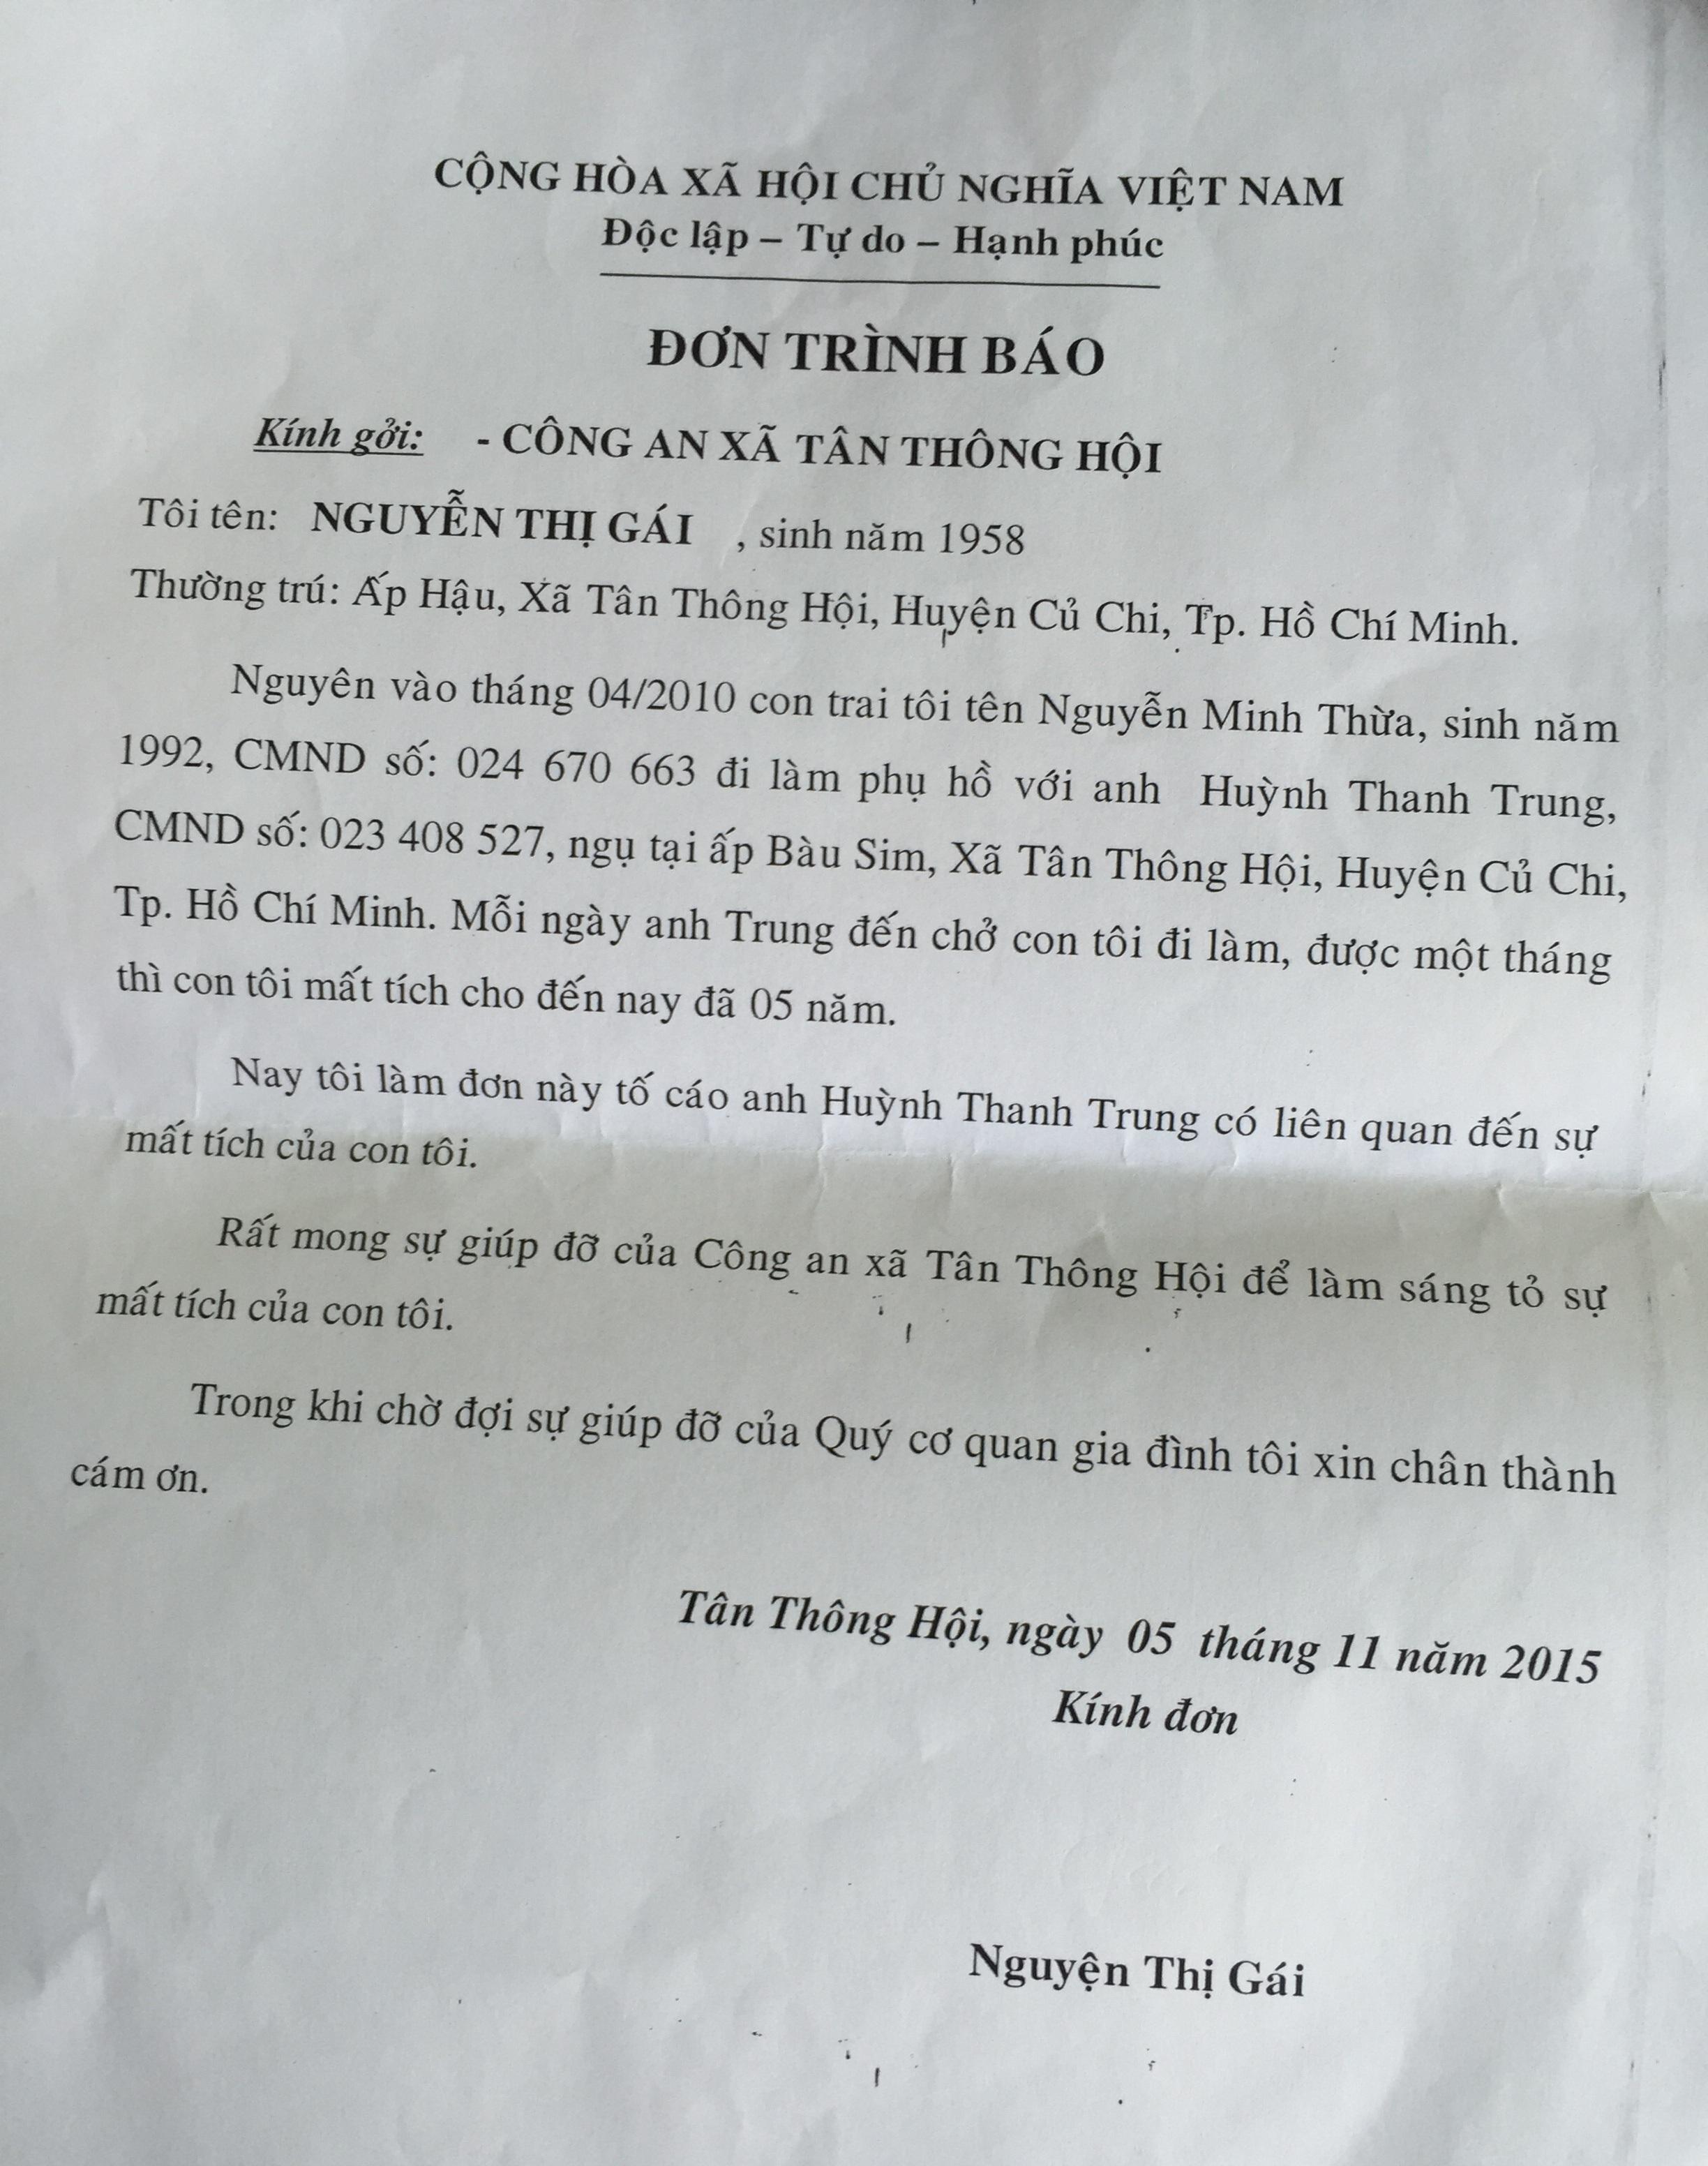 Mới đây bà Gái đã làm đơn gởi đến Công an xã, huyện Củ Chi để nhờ làm rõ sự việc mất tích của con mình.